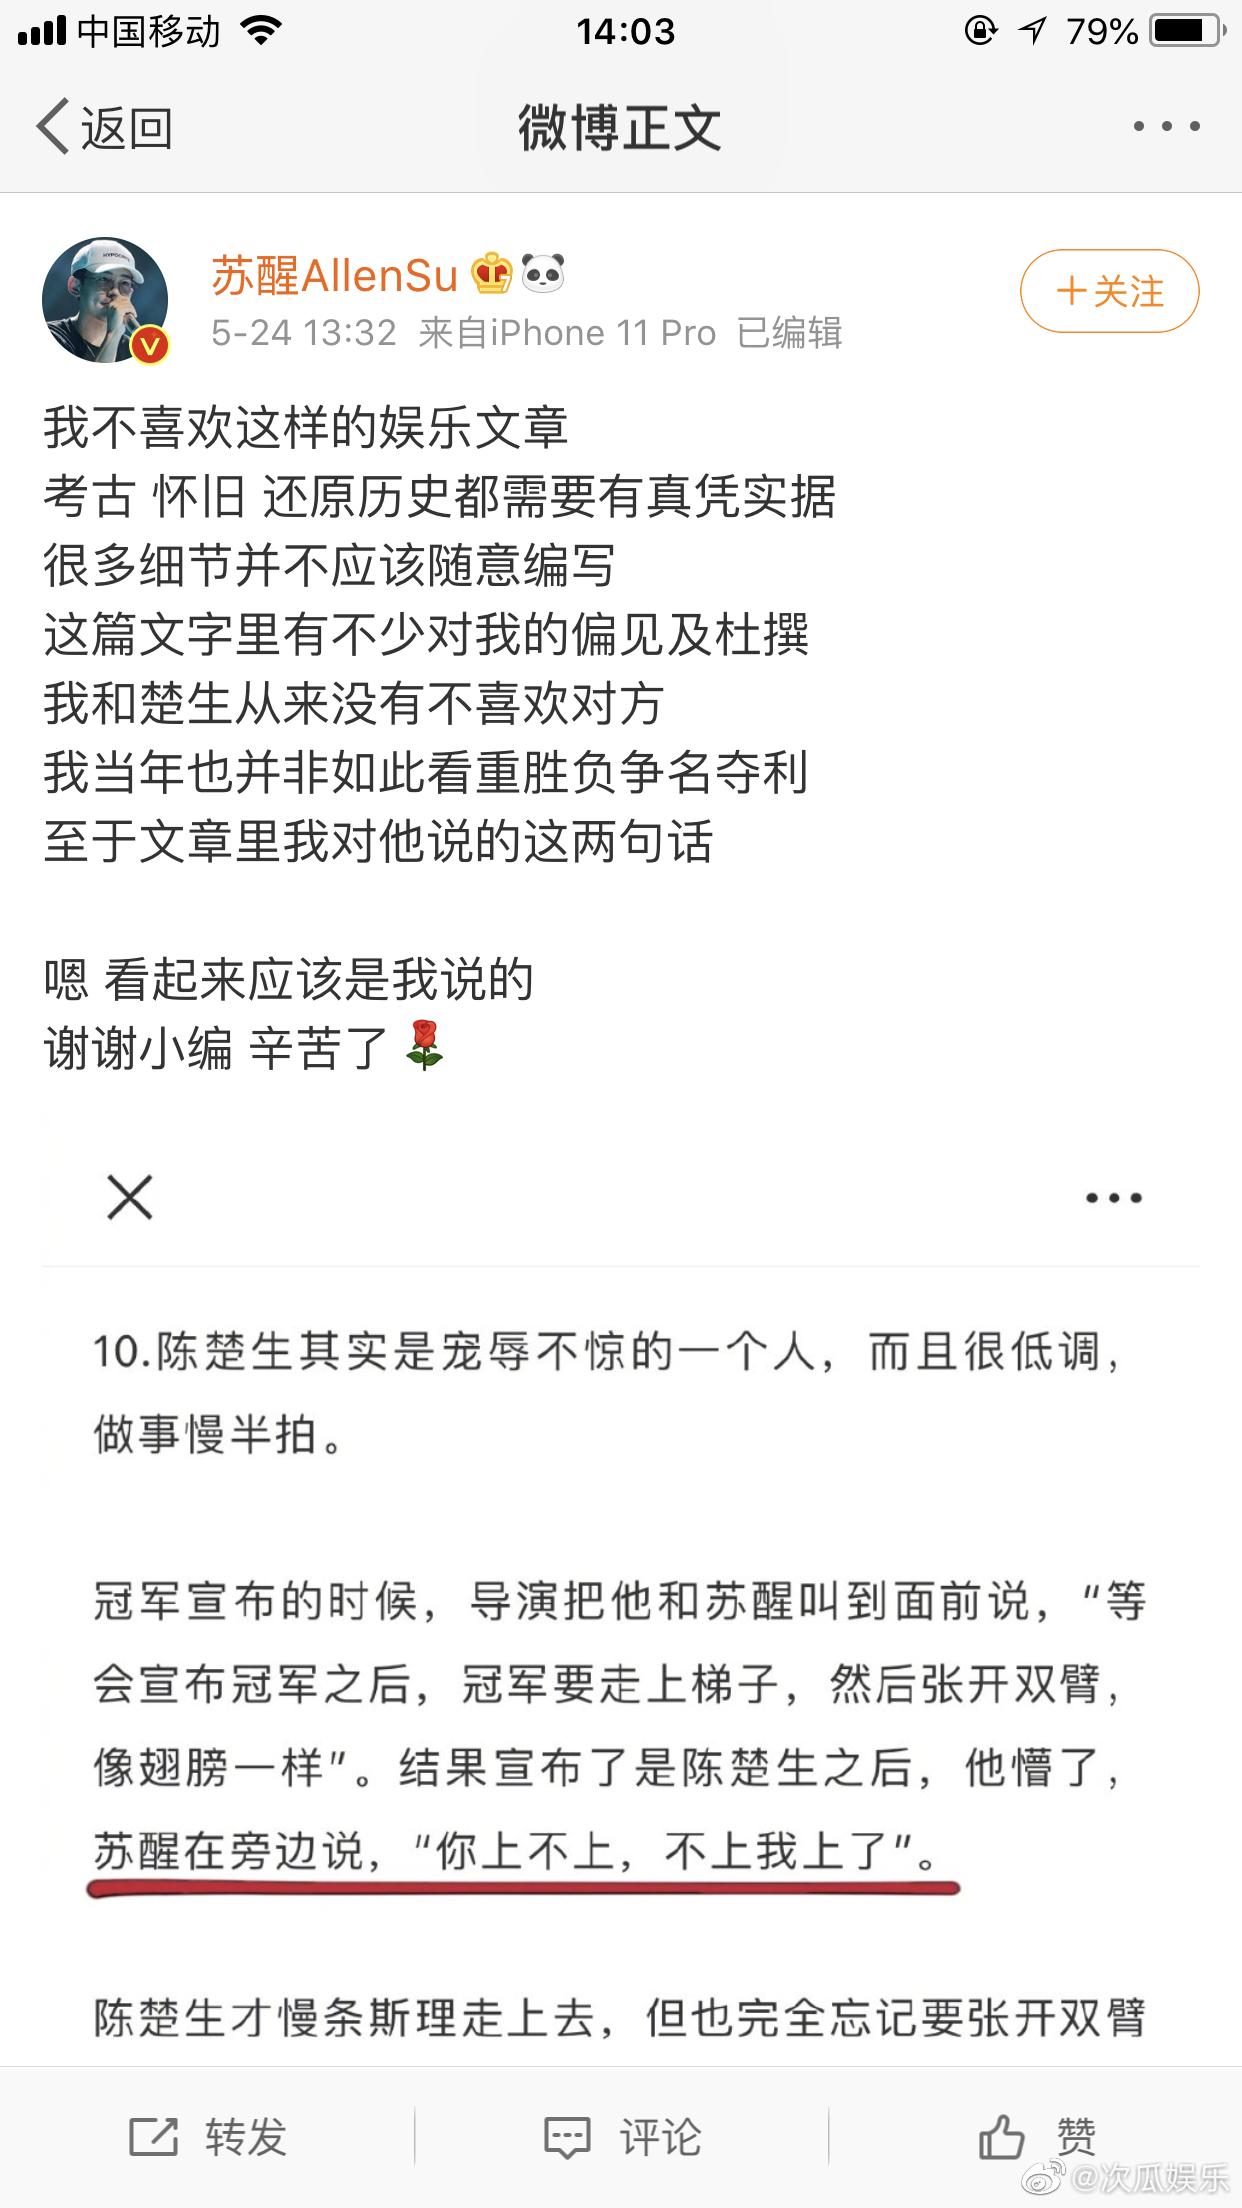 苏醒发微博说自己不喜欢捕风捉影的娱乐文章